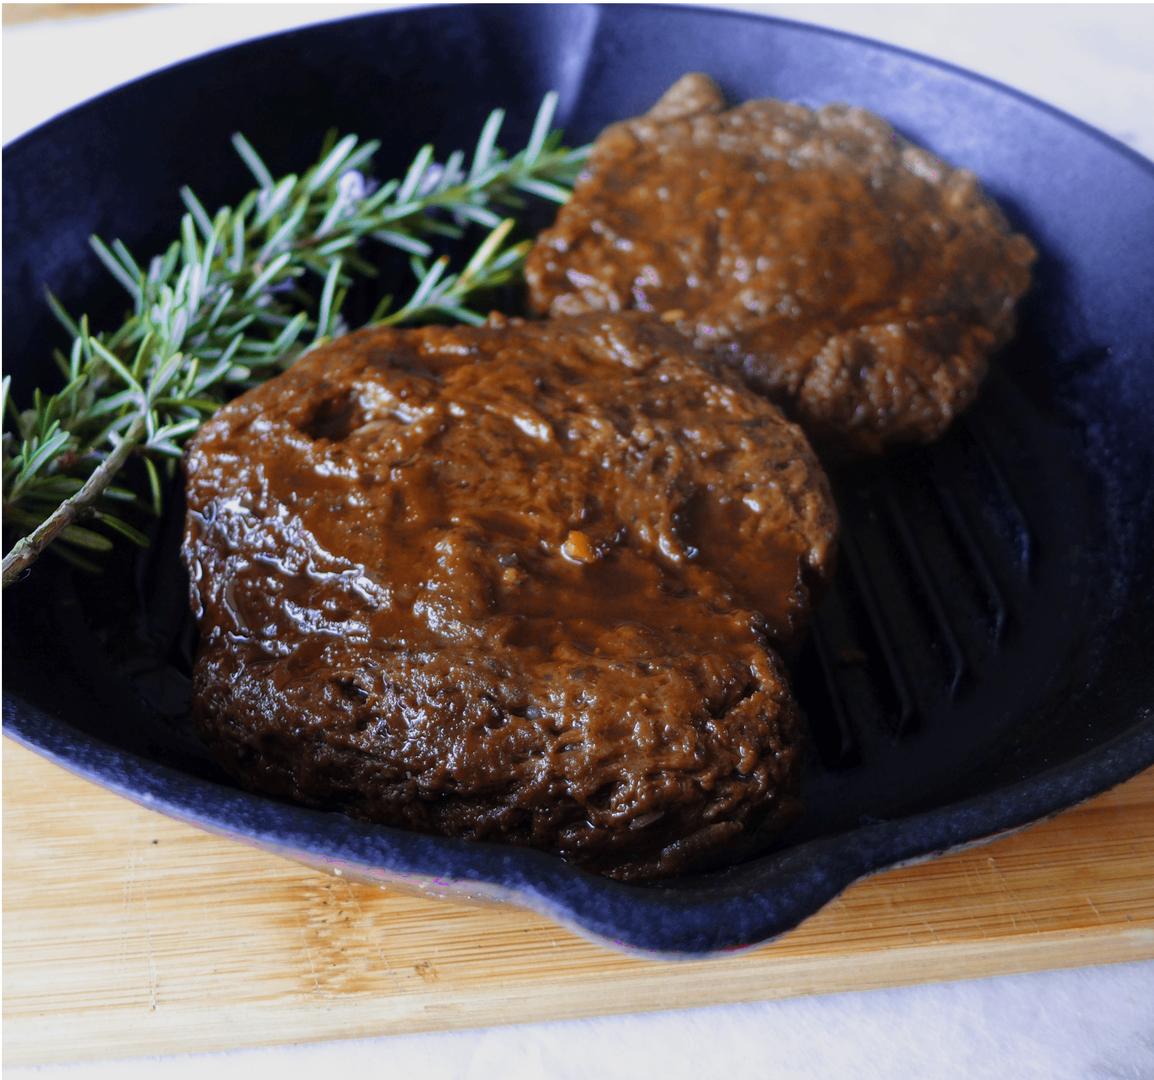 The No Meat Steak Company Ribeye Steak